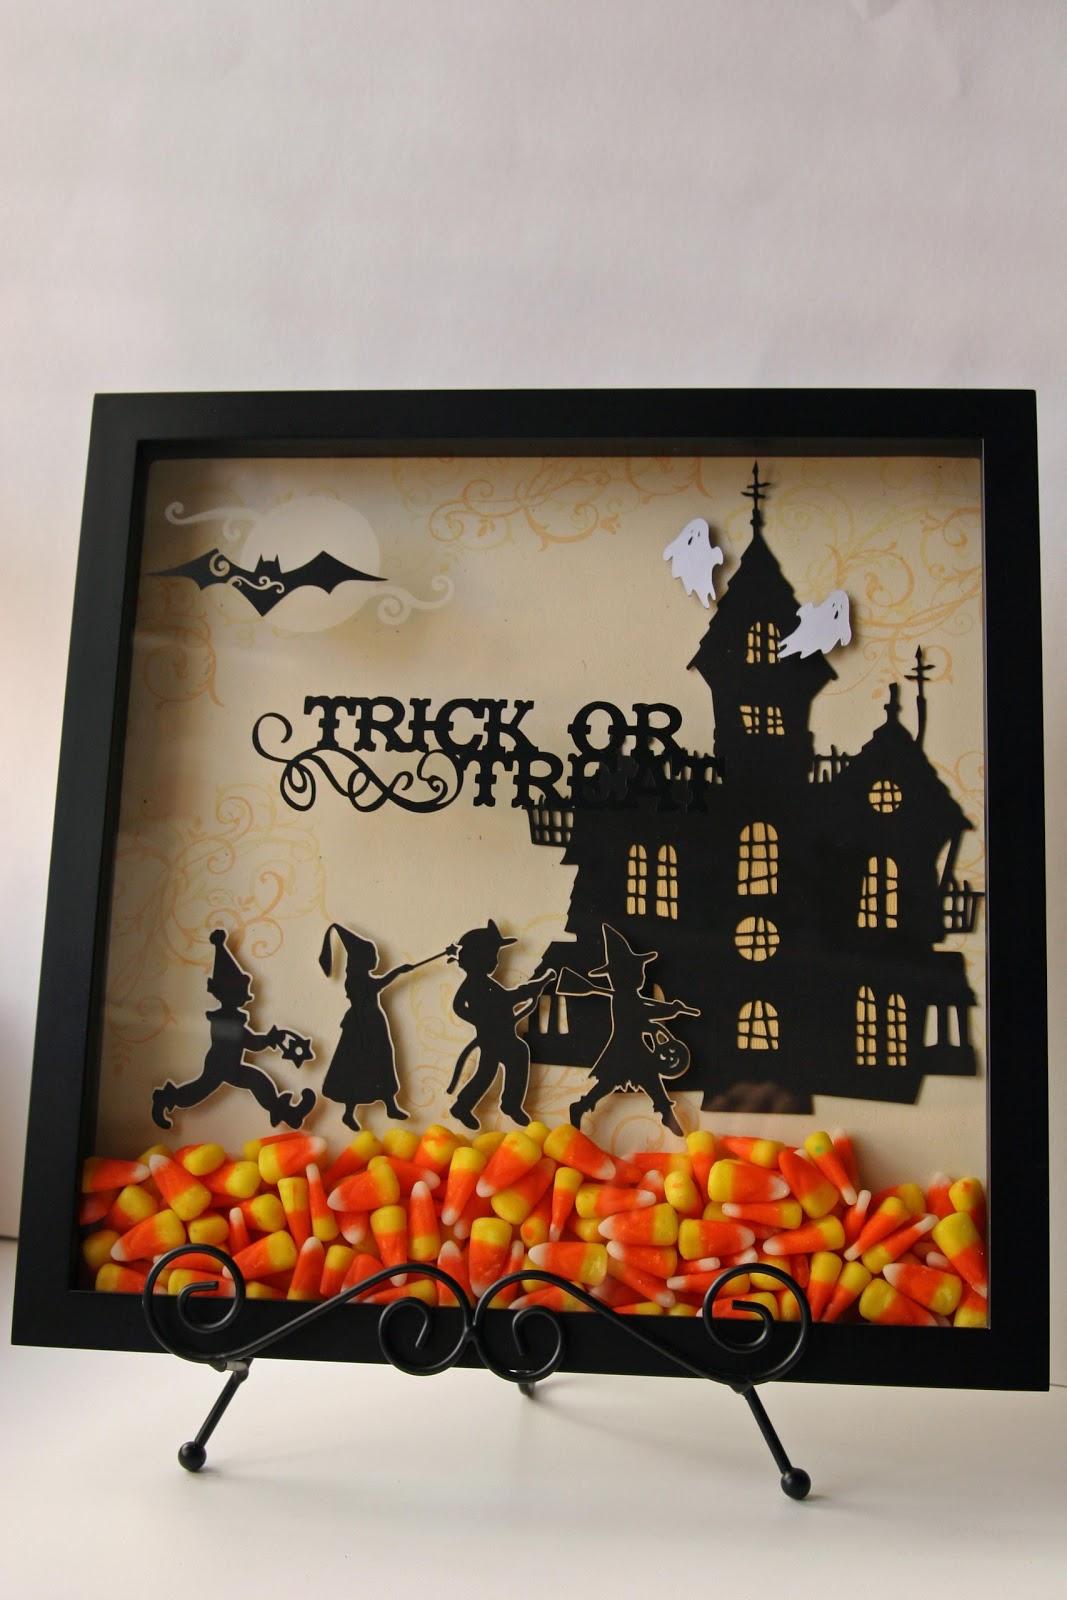 Halloween indoor decorations ideas - 27 Candy Corn Makes Season Shadow Box Sweet